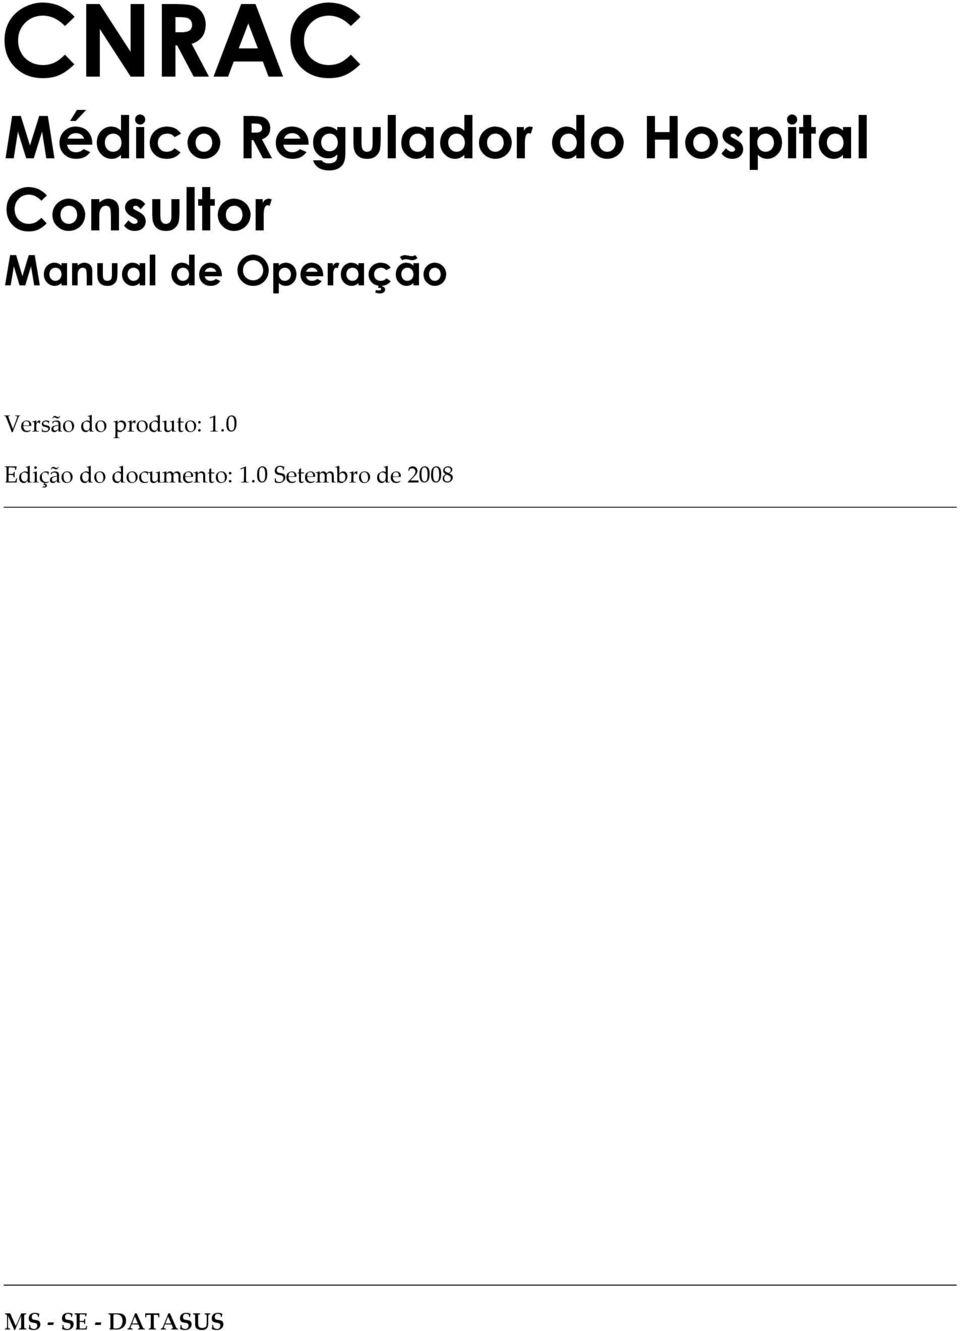 CNRAC. Médico Regulador do Hospital Consultor Manual de